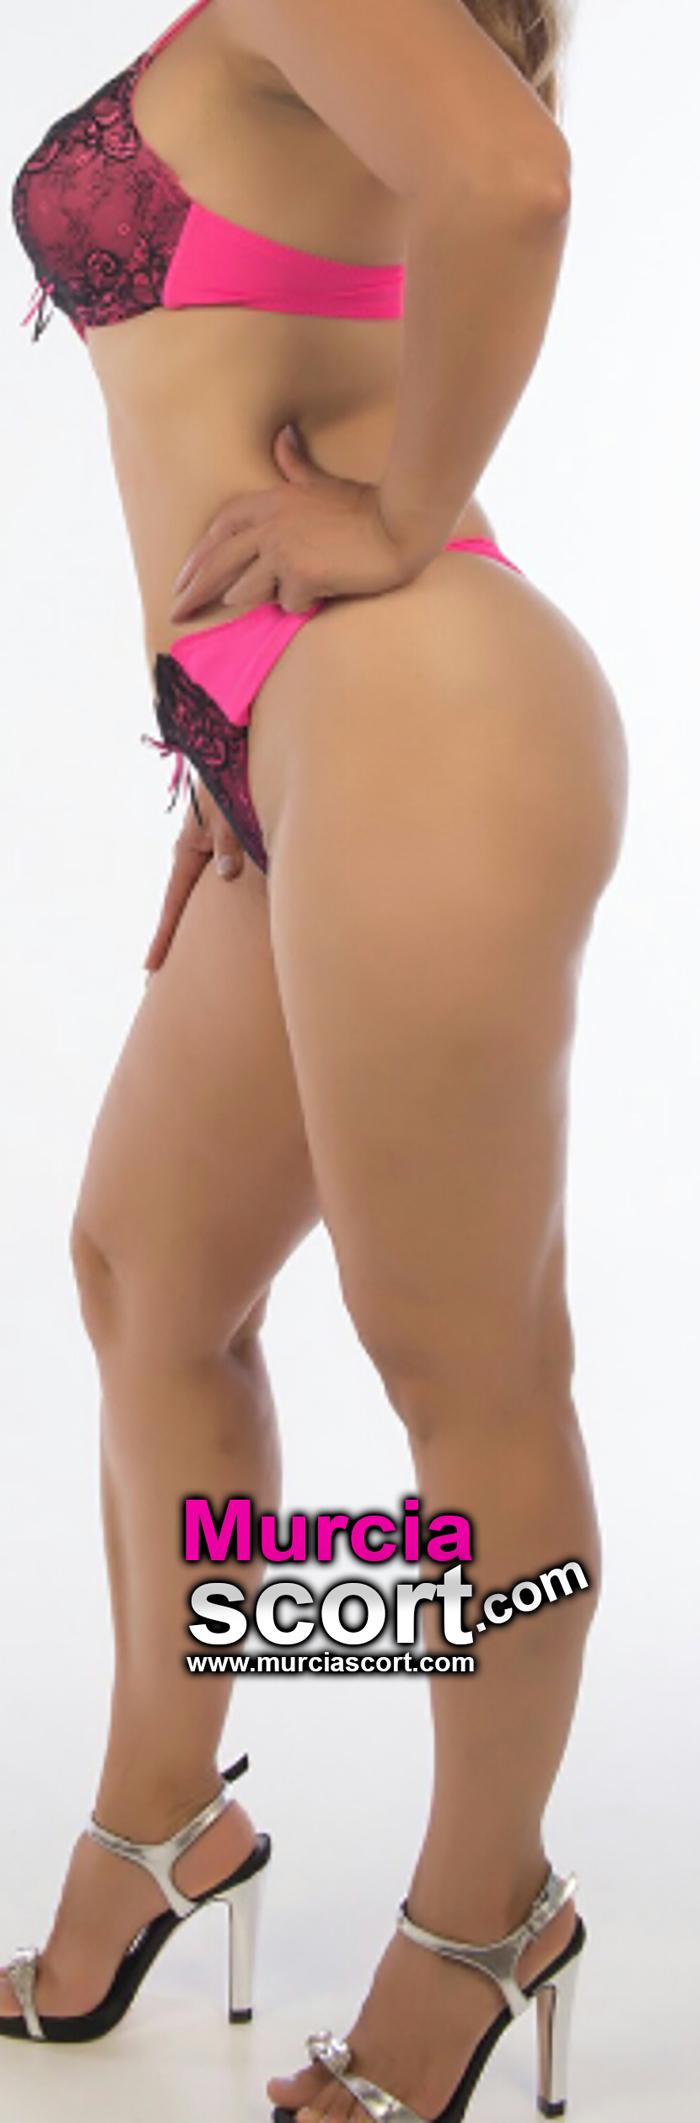 fotos de chicas de compañia puta gay